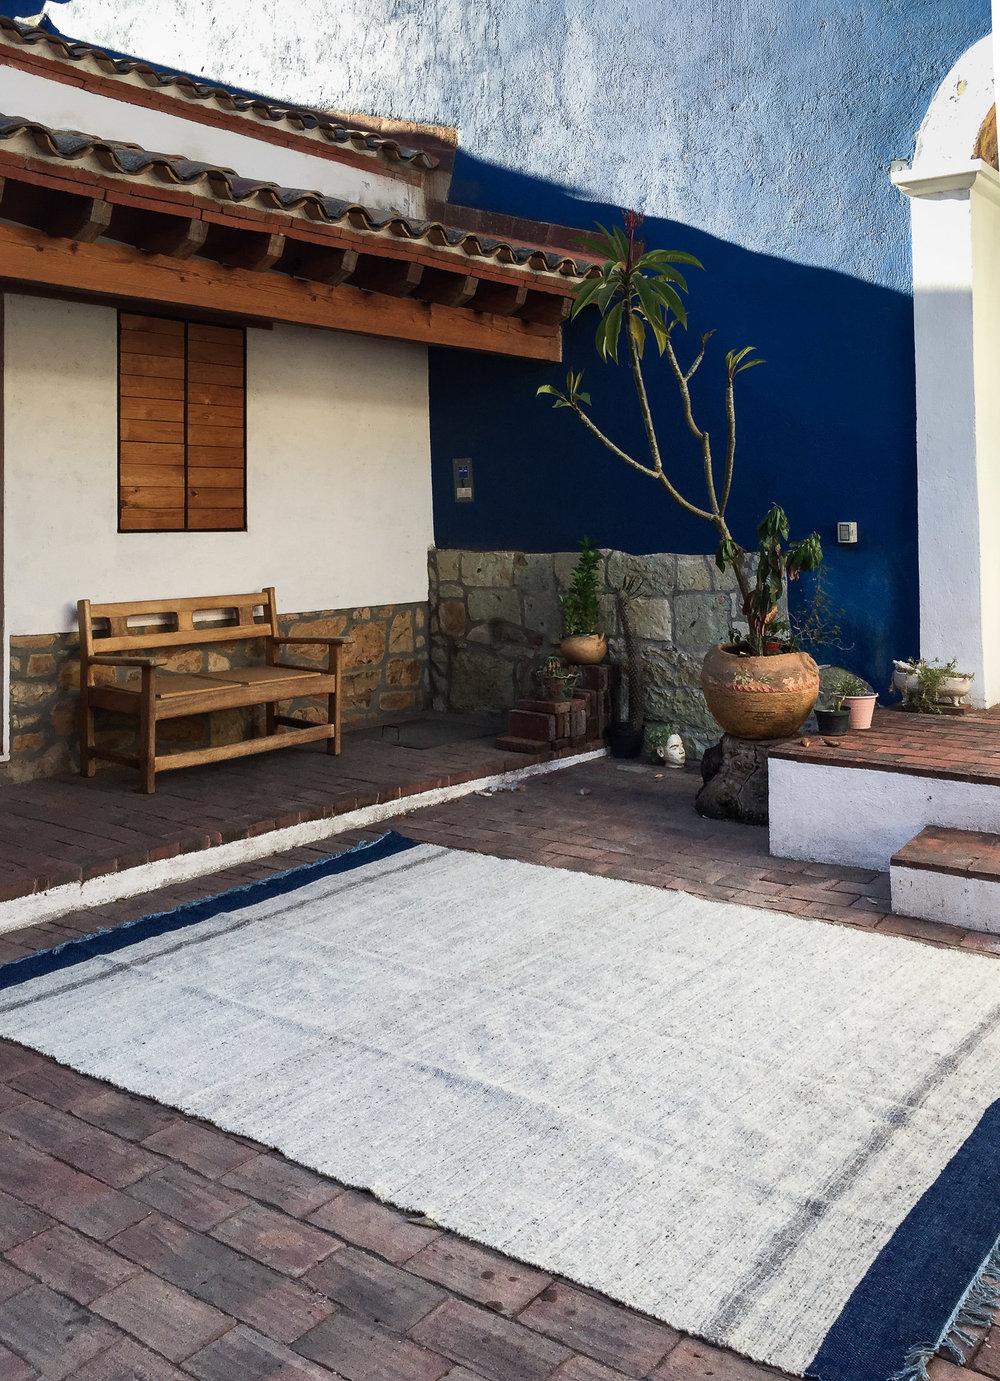 Madda Studio Handwoven Wool Rug Made in Oaxaca Mexico